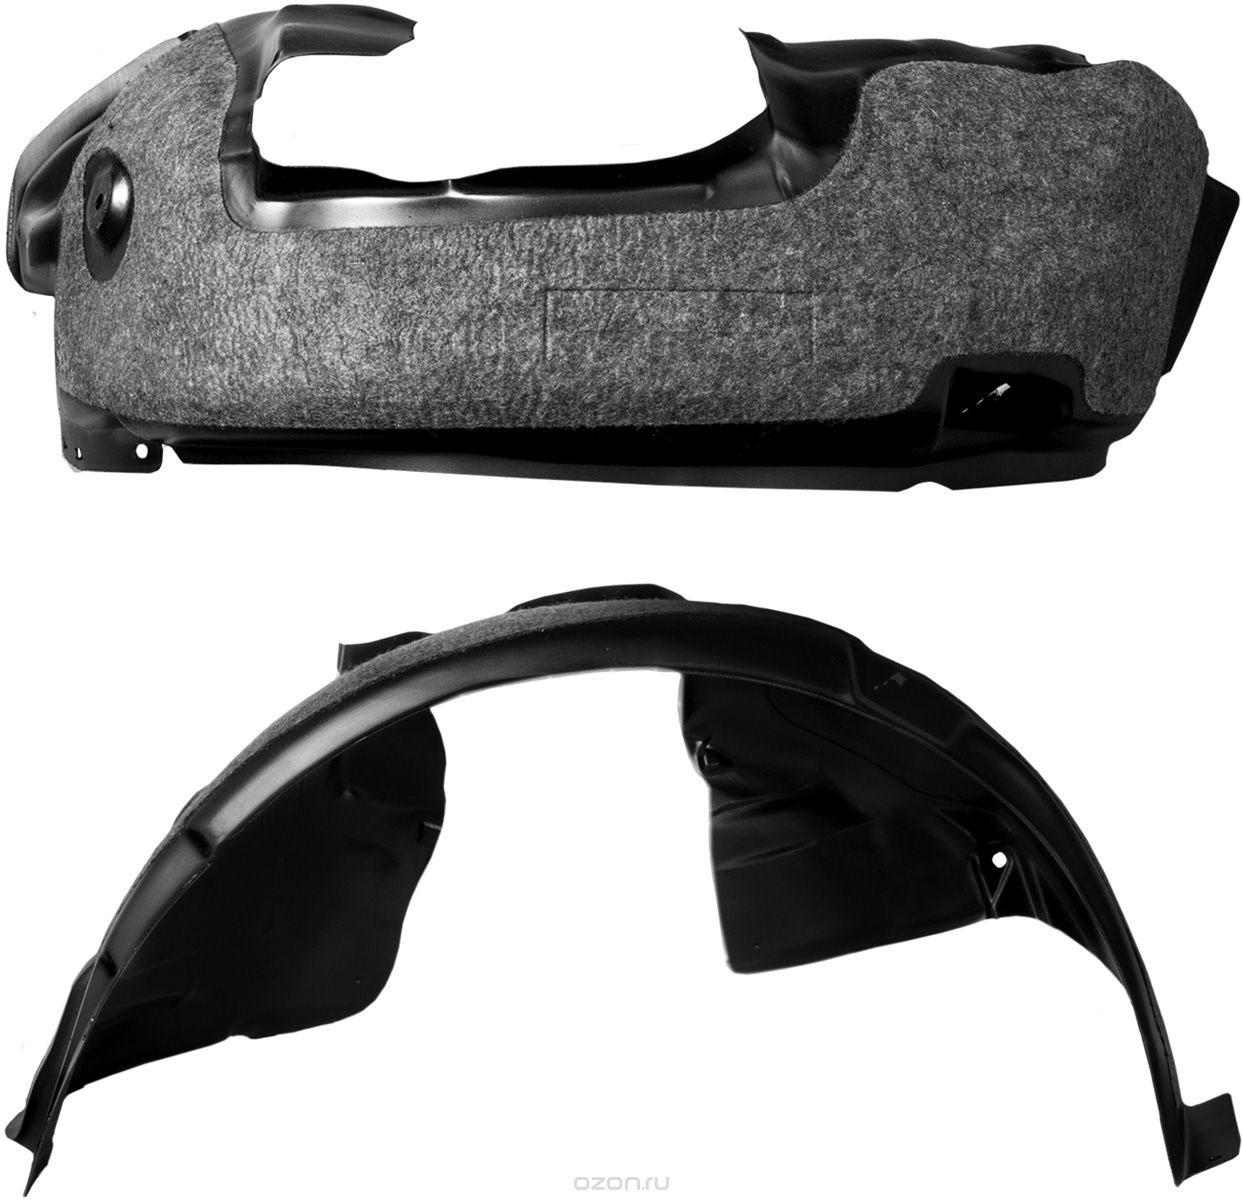 Подкрылок Novline-Autofamily с шумоизоляцией, для Mitsubishi Outlander, 2015->, передний левыйNLS.35.26.001Идеальная защита колесной ниши. Локеры разработаны с применением цифровых технологий, гарантируют максимальную повторяемость поверхности арки. Изделия устанавливаются без нарушения лакокрасочного покрытия автомобиля, каждый подкрылок комплектуется крепежом. Уважаемые клиенты, обращаем ваше внимание, что фотографии на подкрылки универсальные и не отражают реальную форму изделия. При этом само изделие идет точно под размер указанного автомобиля.